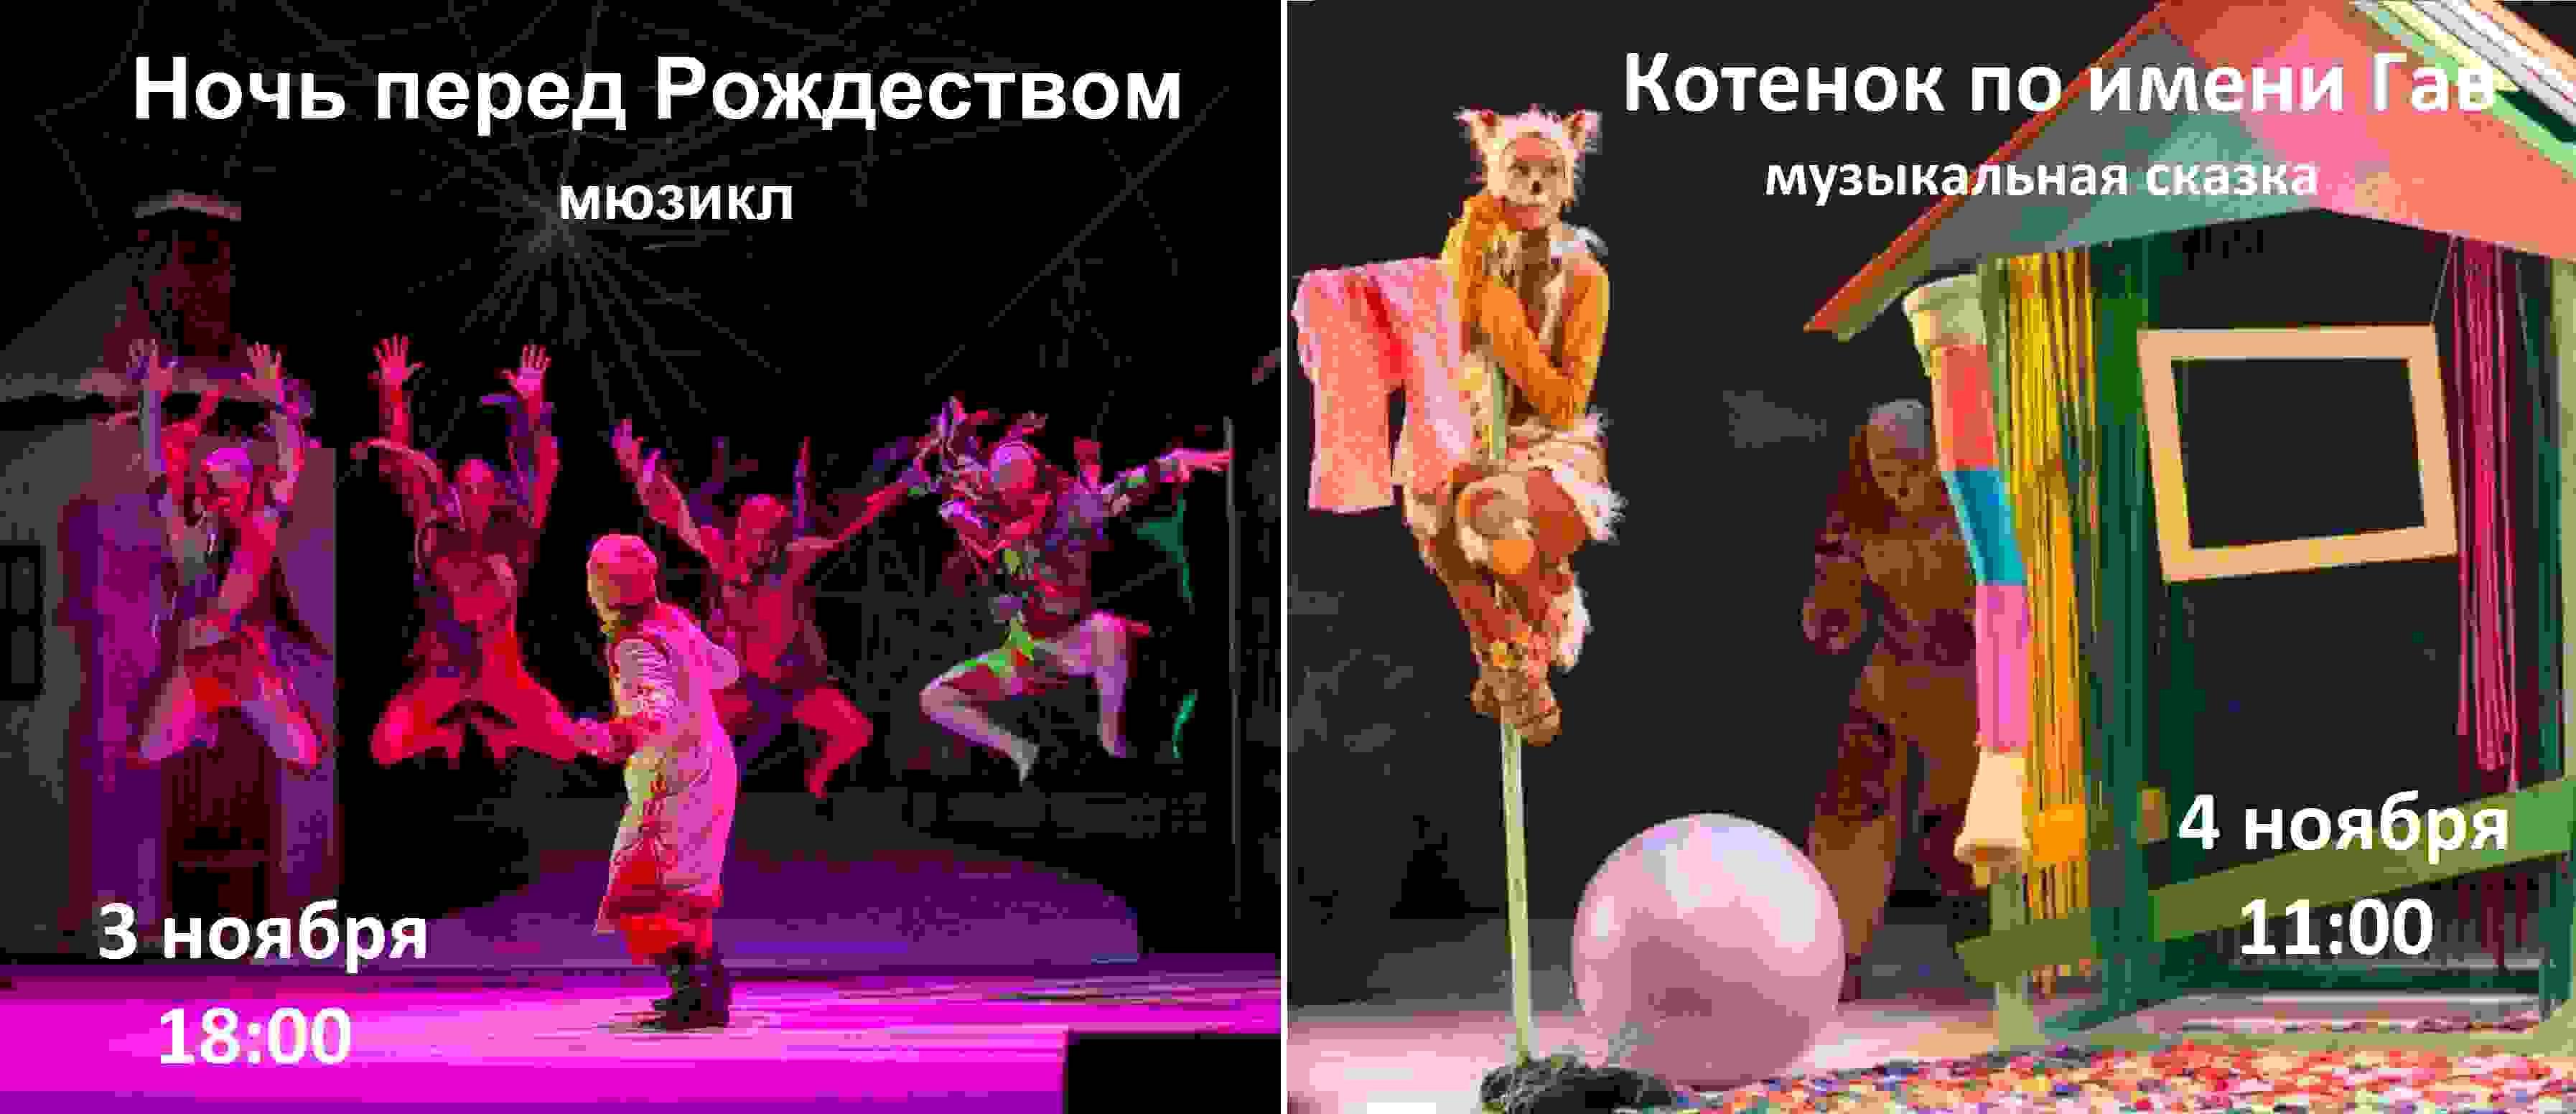 Выходные в музыкальном театре